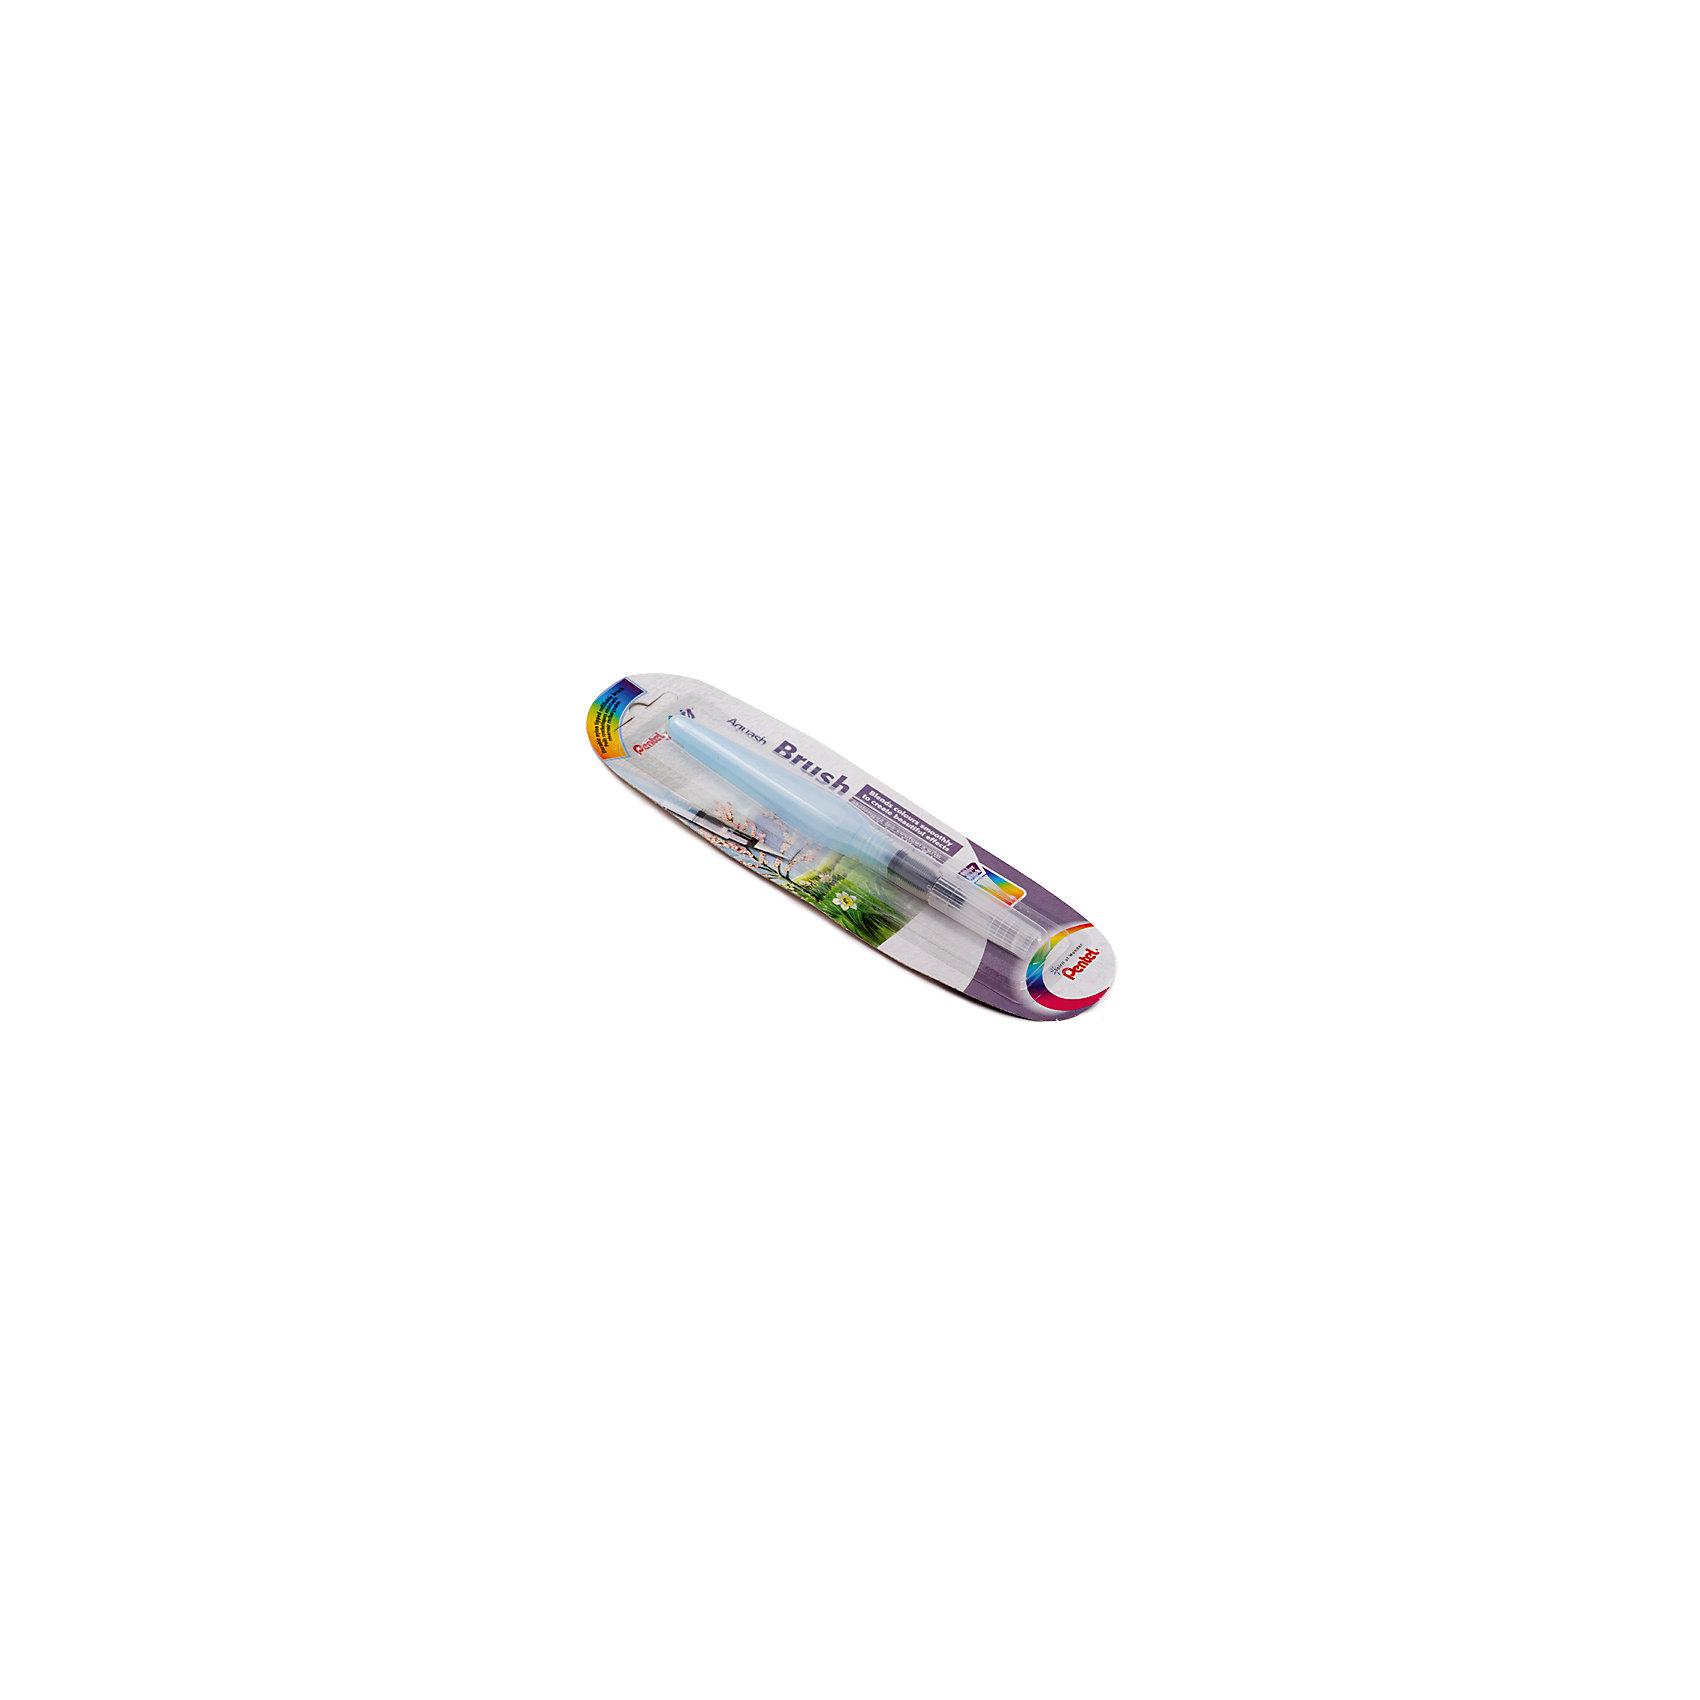 Кисть с резервуаром Aguash Brush в блистере большая, 10мл PentelРисование и лепка<br>Характеристики:<br><br>• возраст: от 6 лет<br>• длина наконечника: 18 мм.<br>• диаметр кисти: 6 мм.<br>• объем резервуара: 10 мл.<br>• длина изделия: 15,5 см.<br>• материал наконечника-кисти: нейлон<br>• материал корпуса: мягкий пластик<br>• упаковка: блистер<br><br>Кисть с накопителем для воды «Aquash Brush» (большая) - это современное изобретение из Японии, которое очень быстро получило свою популярность среди товаров для творчества во всем мире. У этой кисти огромный потенциал, с ней вы забудете про баночки с водой.<br><br>Кисть с резервуаром очень проста в использовании и незаменима при работе с акварелью, карандашами и пастелью. Вам достаточно создать эскиз, а затем, используя кисть, растушевать края. Либо использовать саму кисть для нанесения акварельных красок.<br><br>Кисть «Aquash Brush» состоит из наконечника-кисти, изготовленного из нейлона, и резервуара для воды. Вода попадает в наконечник с помощью легкого сжатия корпуса. Наконечник-кисть очень легко чистится, достаточно промыть его под водой и высушить бумажным полотенцем. Прозрачный корпус позволяет контролировать количество воды в резервуаре.<br><br>Кисть «Aquash Brush» снабжена колпачком, который предотвращает протекание при транспортировке, и защищает щетину кисти от деформации.<br><br>Кисть с резервуаром Aguash Brush в блистере большую, 10мл Pentel (Пентел) можно купить в нашем интернет-магазине.<br><br>Ширина мм: 20<br>Глубина мм: 20<br>Высота мм: 155<br>Вес г: 15<br>Возраст от месяцев: 72<br>Возраст до месяцев: 2147483647<br>Пол: Унисекс<br>Возраст: Детский<br>SKU: 7010460